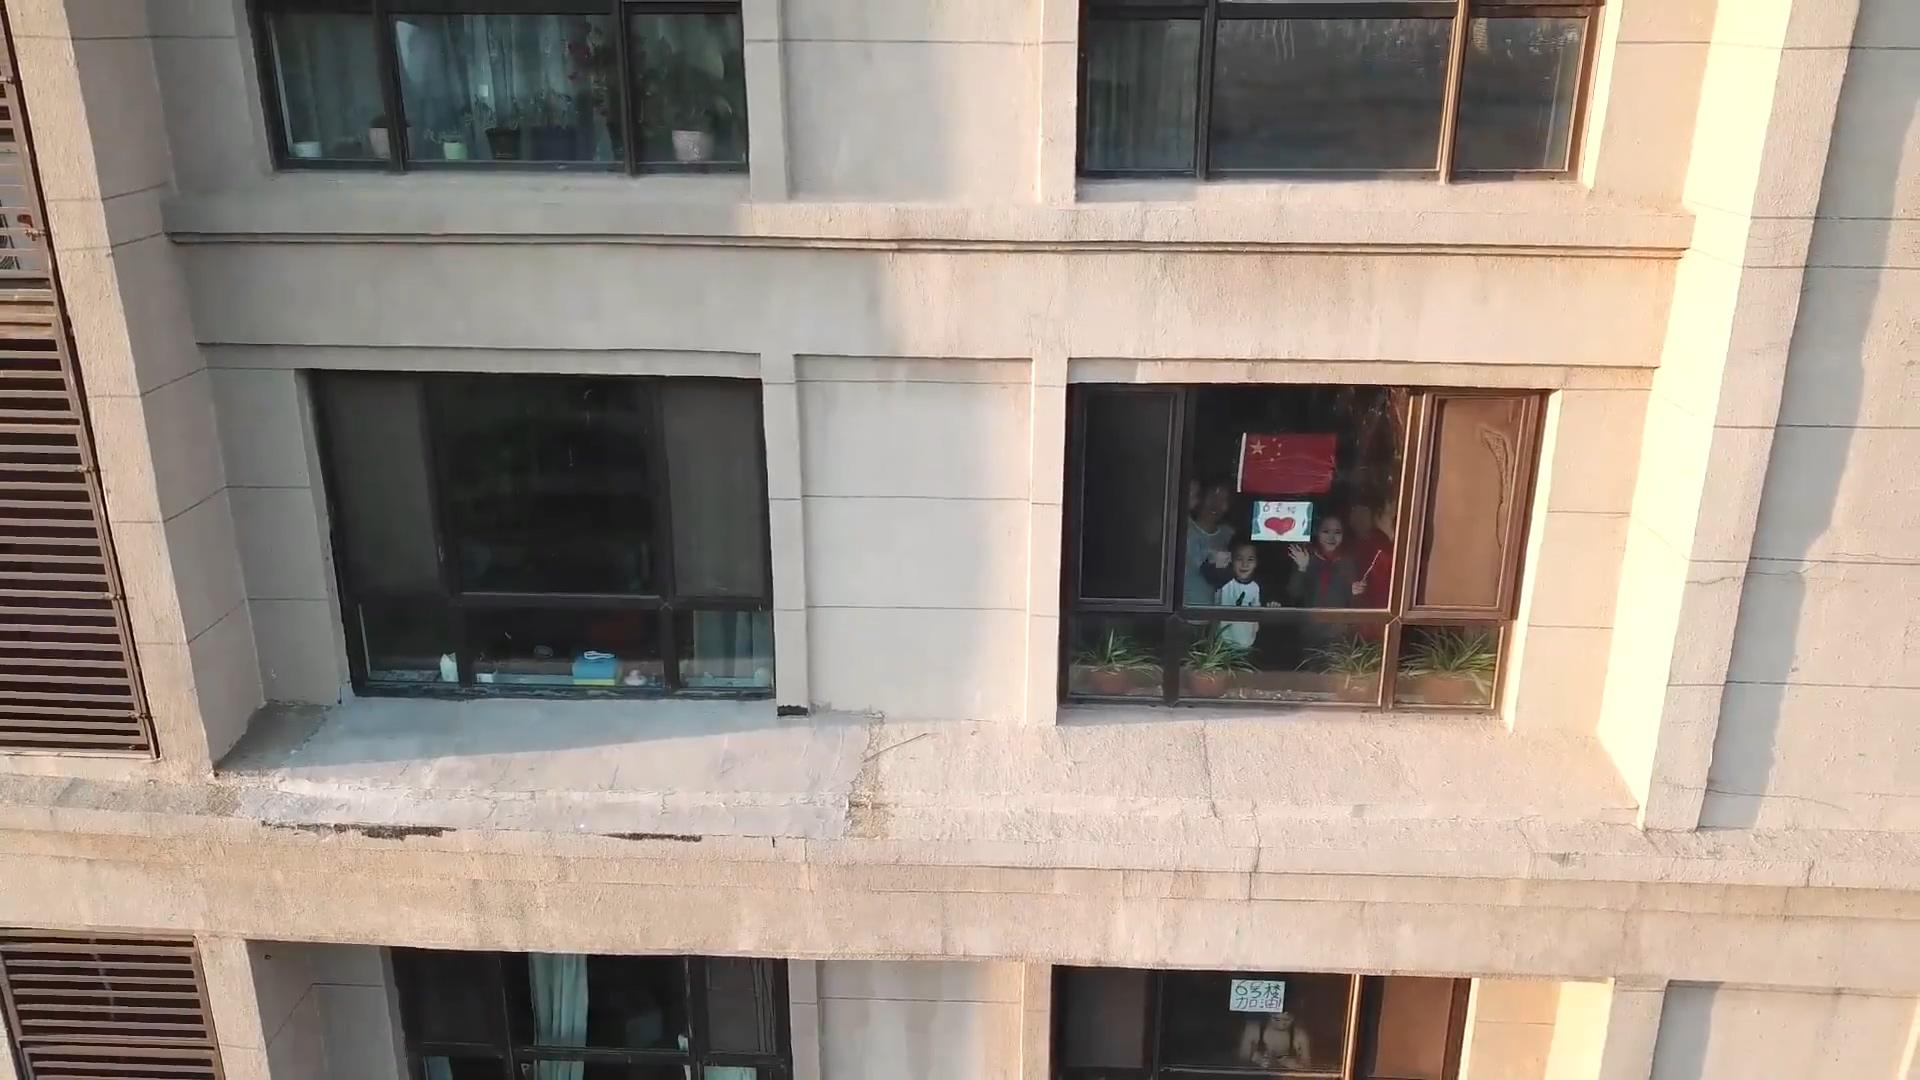 沈陽隔離區小伙與186戶鄰居隔窗合拍視頻